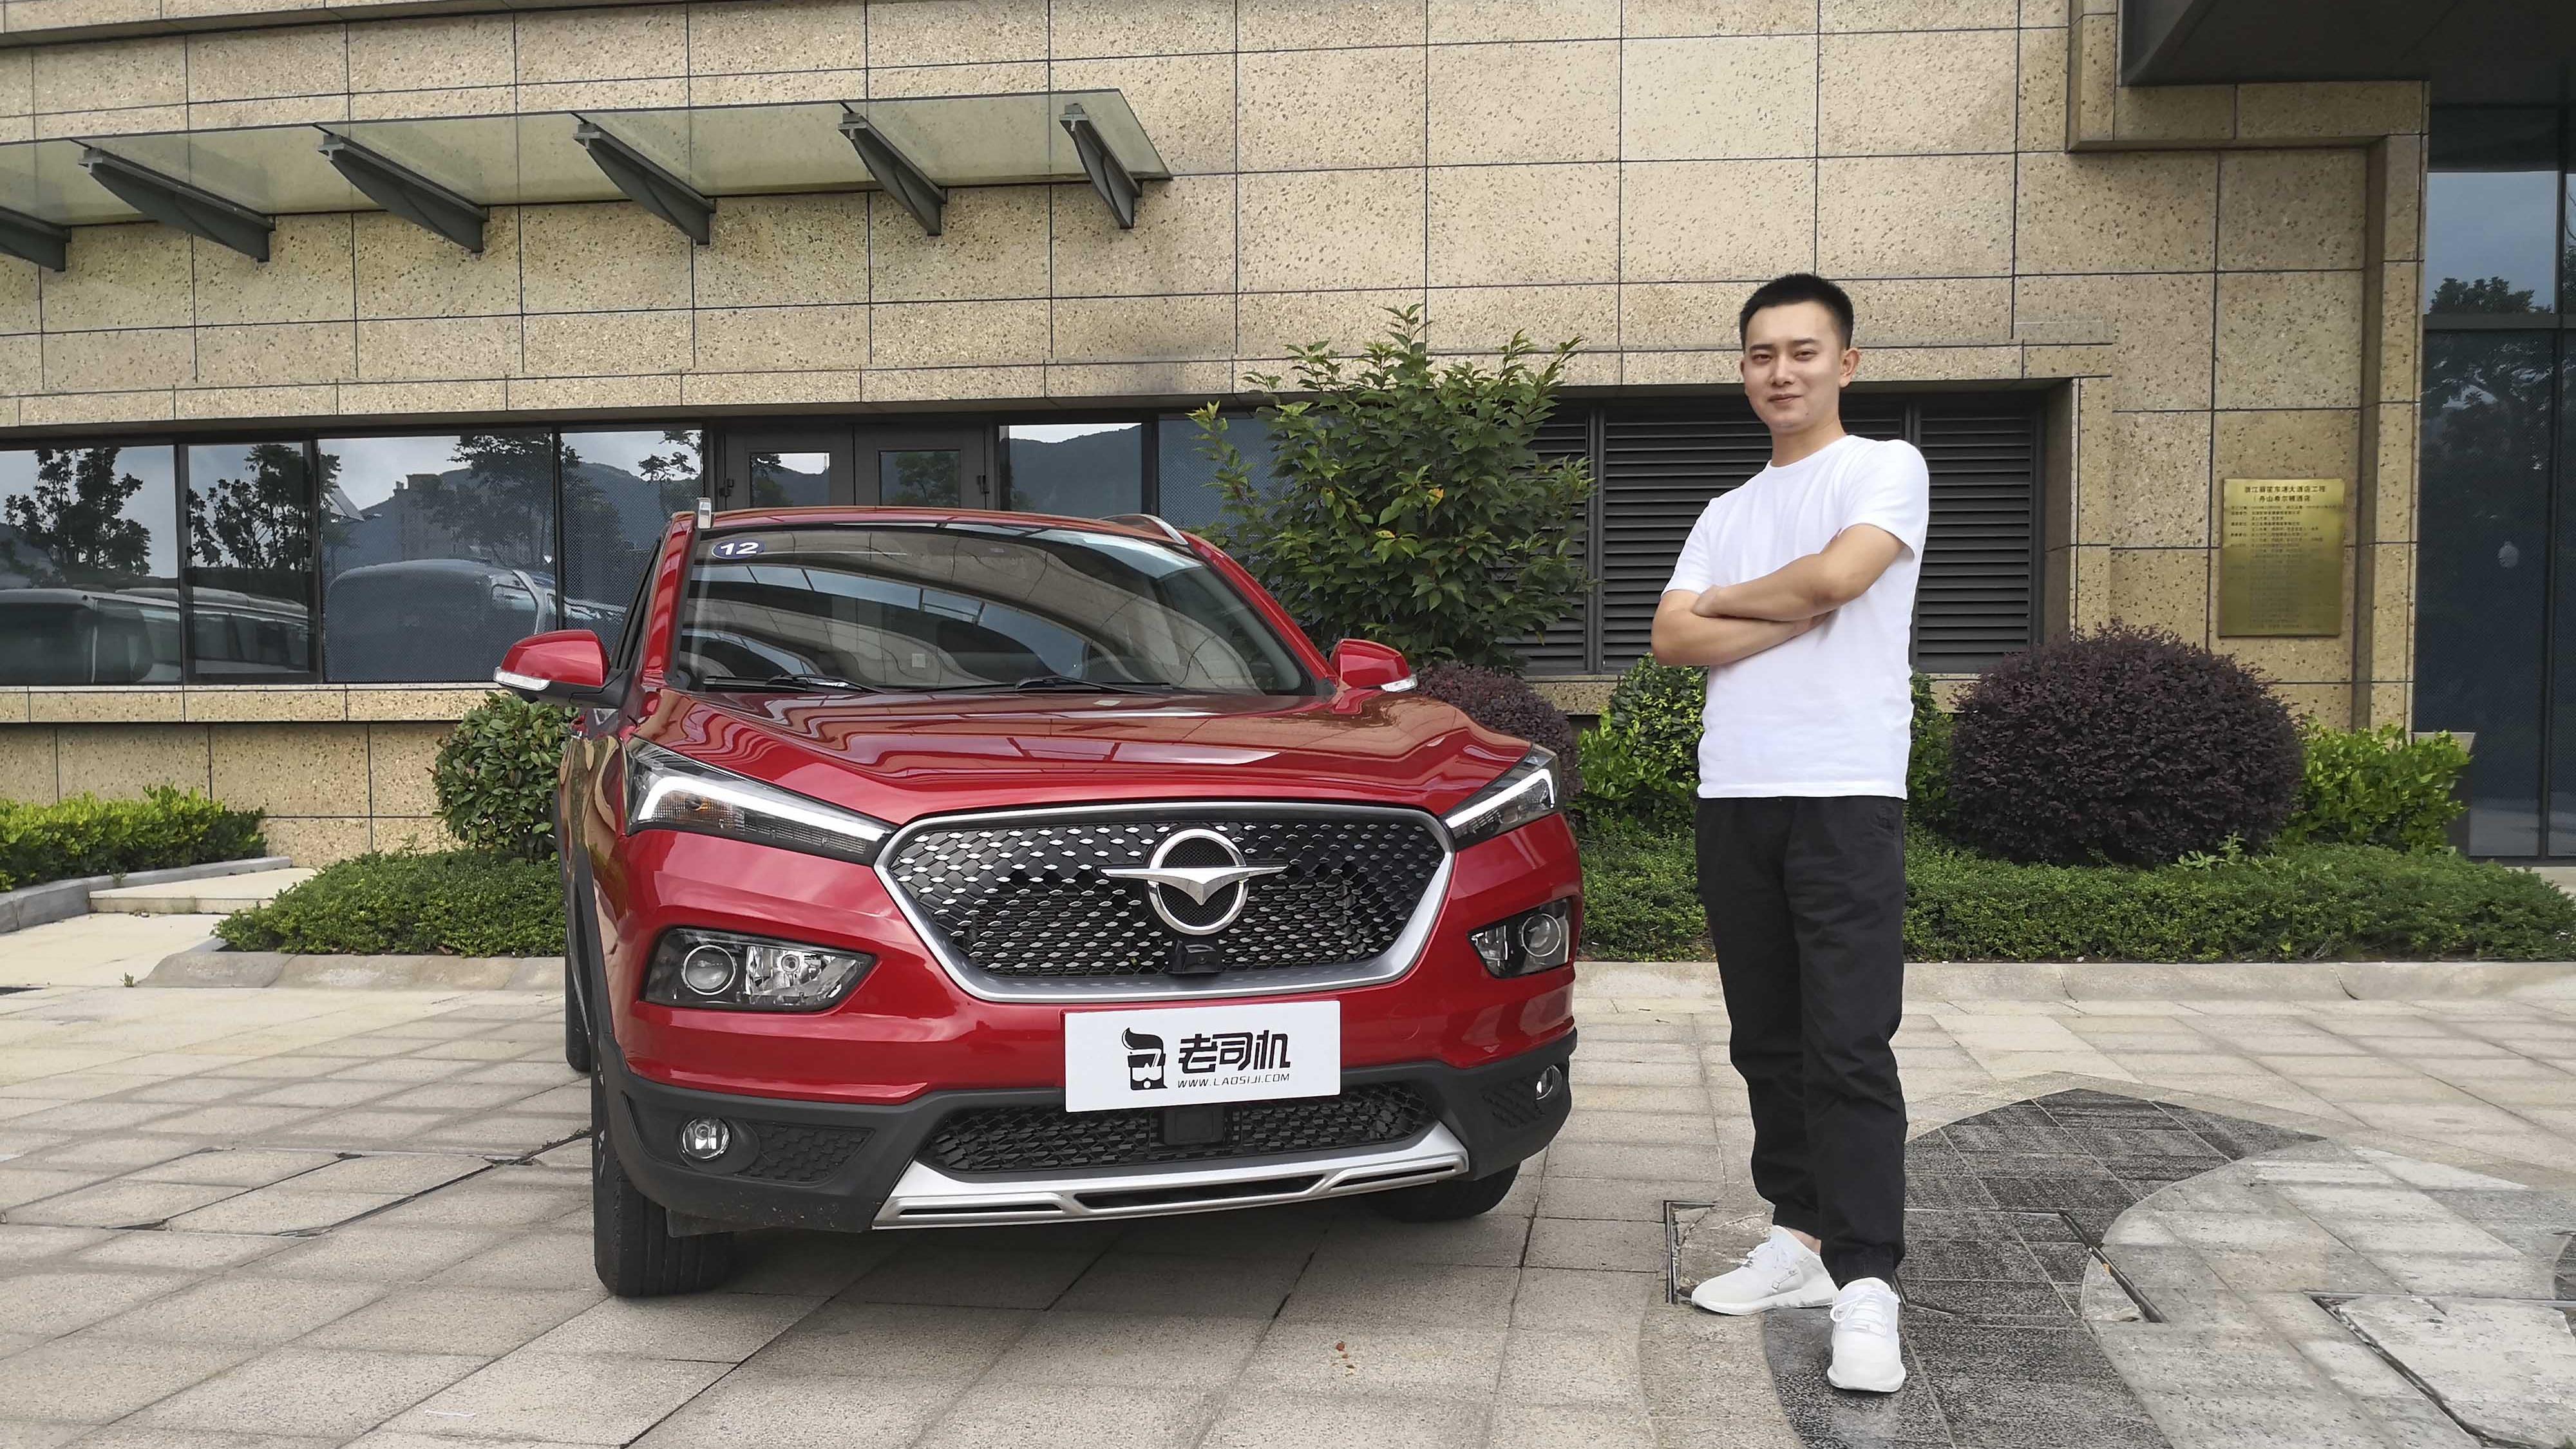 老司机试车:8万起售的国产SUV都配360全景影像了